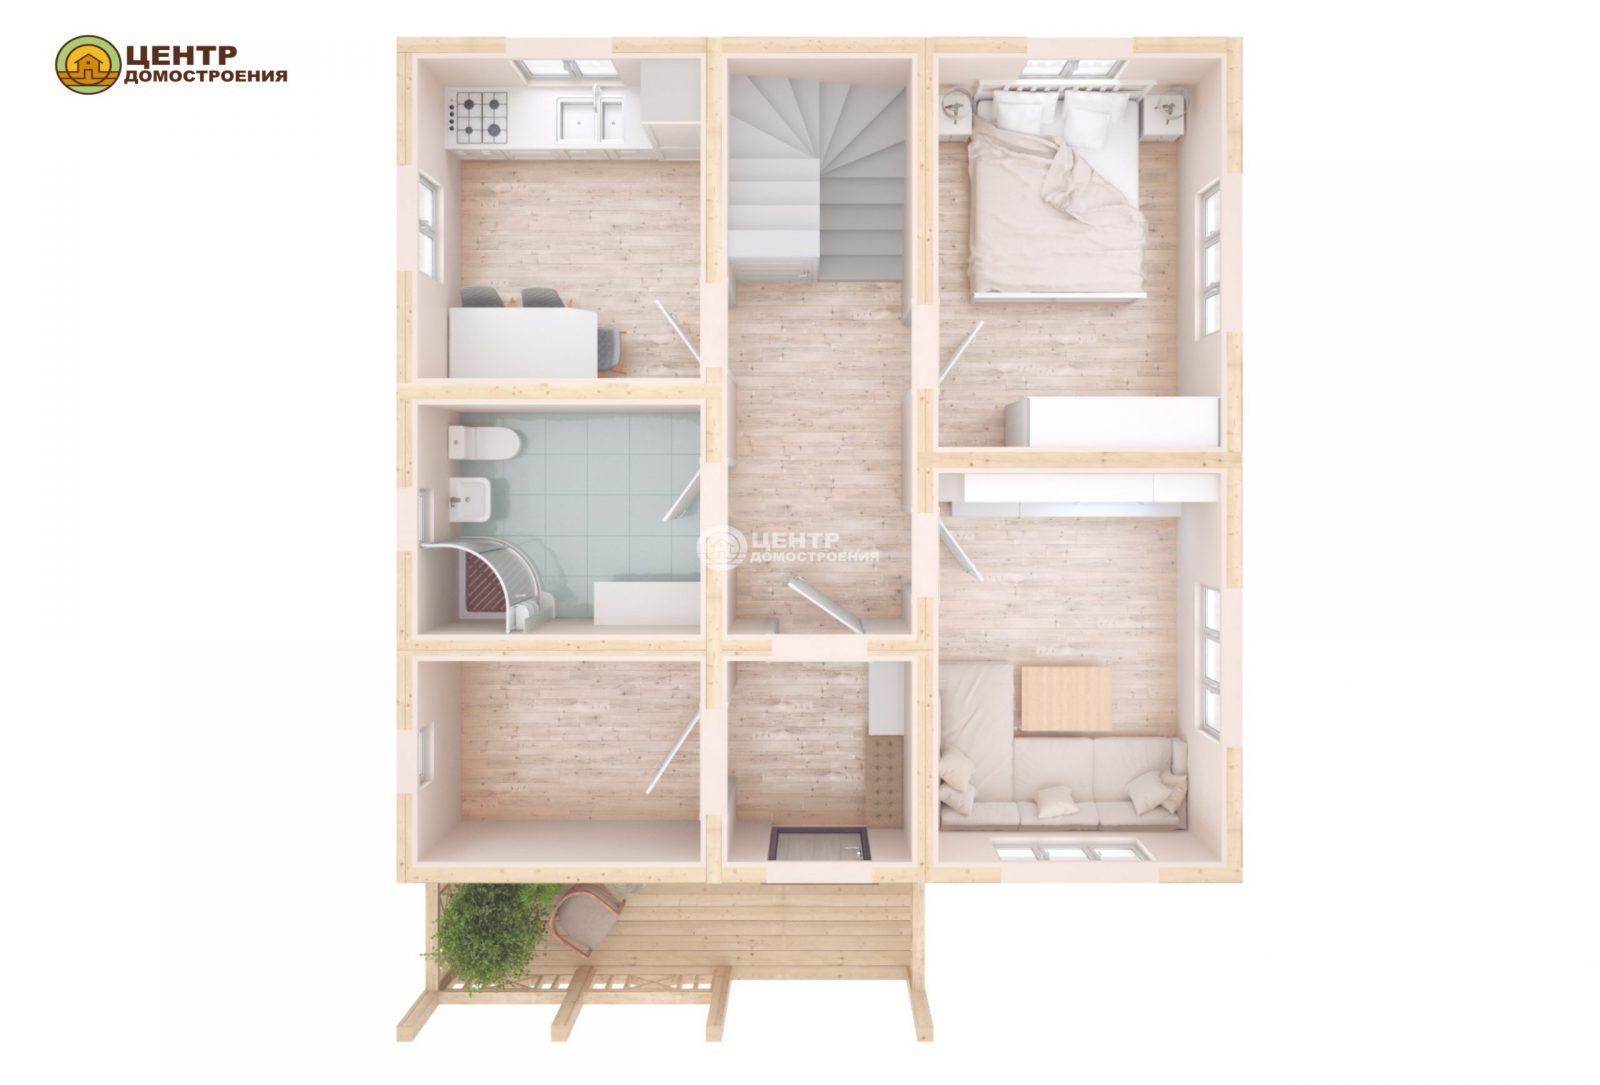 Проект двухэтажного дома 8 на 9